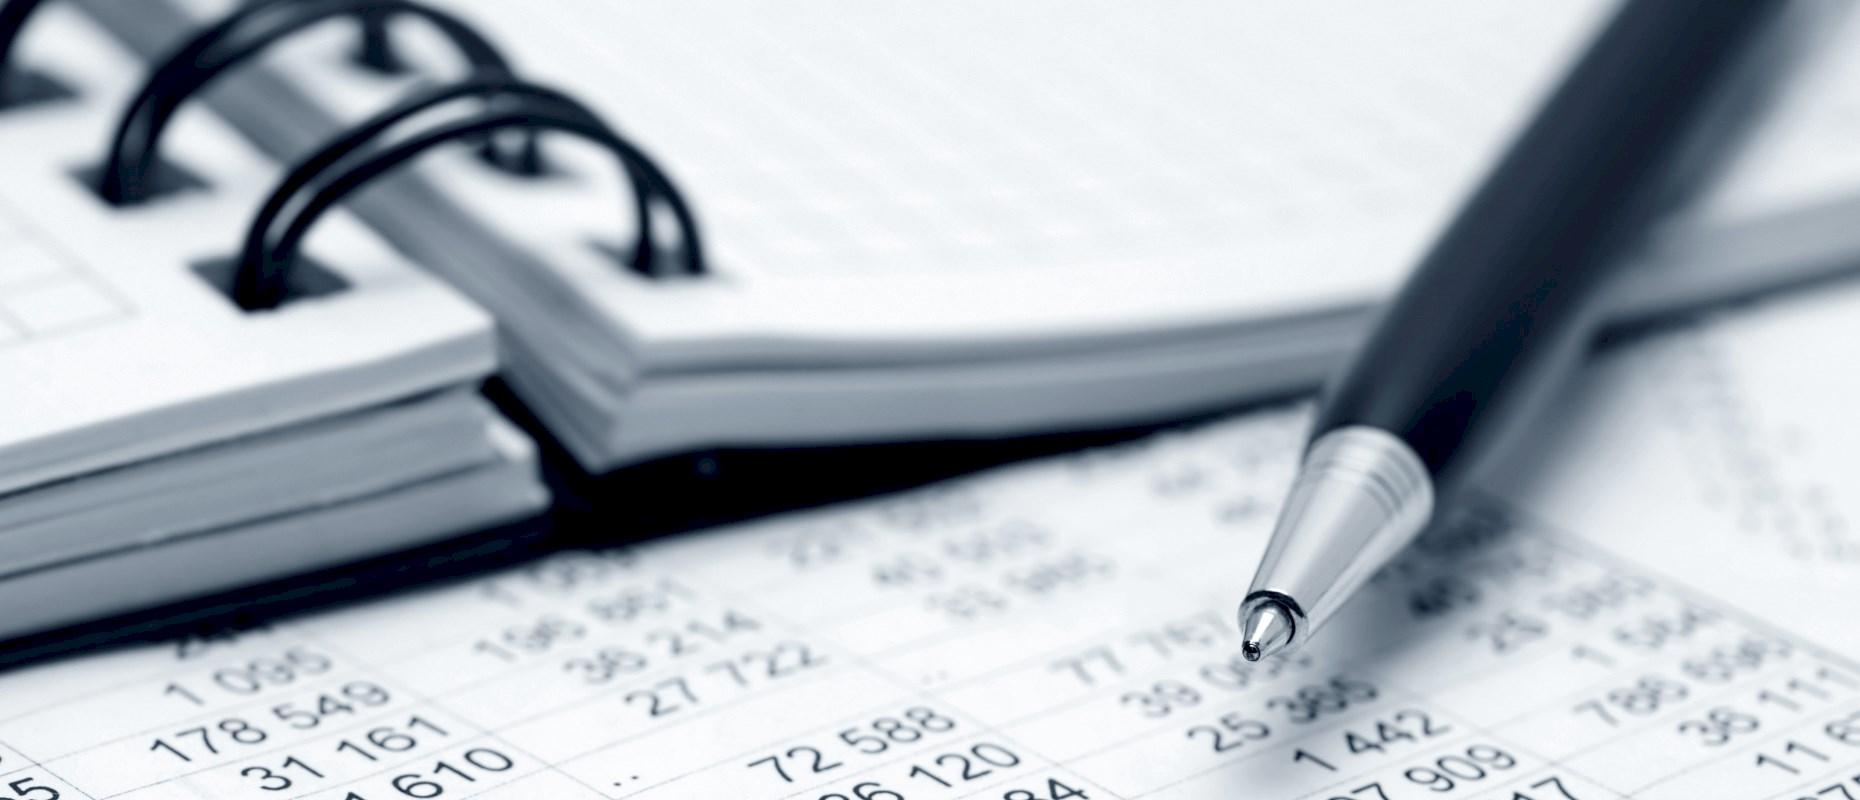 Analise das demonstraçoes contabeis e sua importancia nas empresas 5